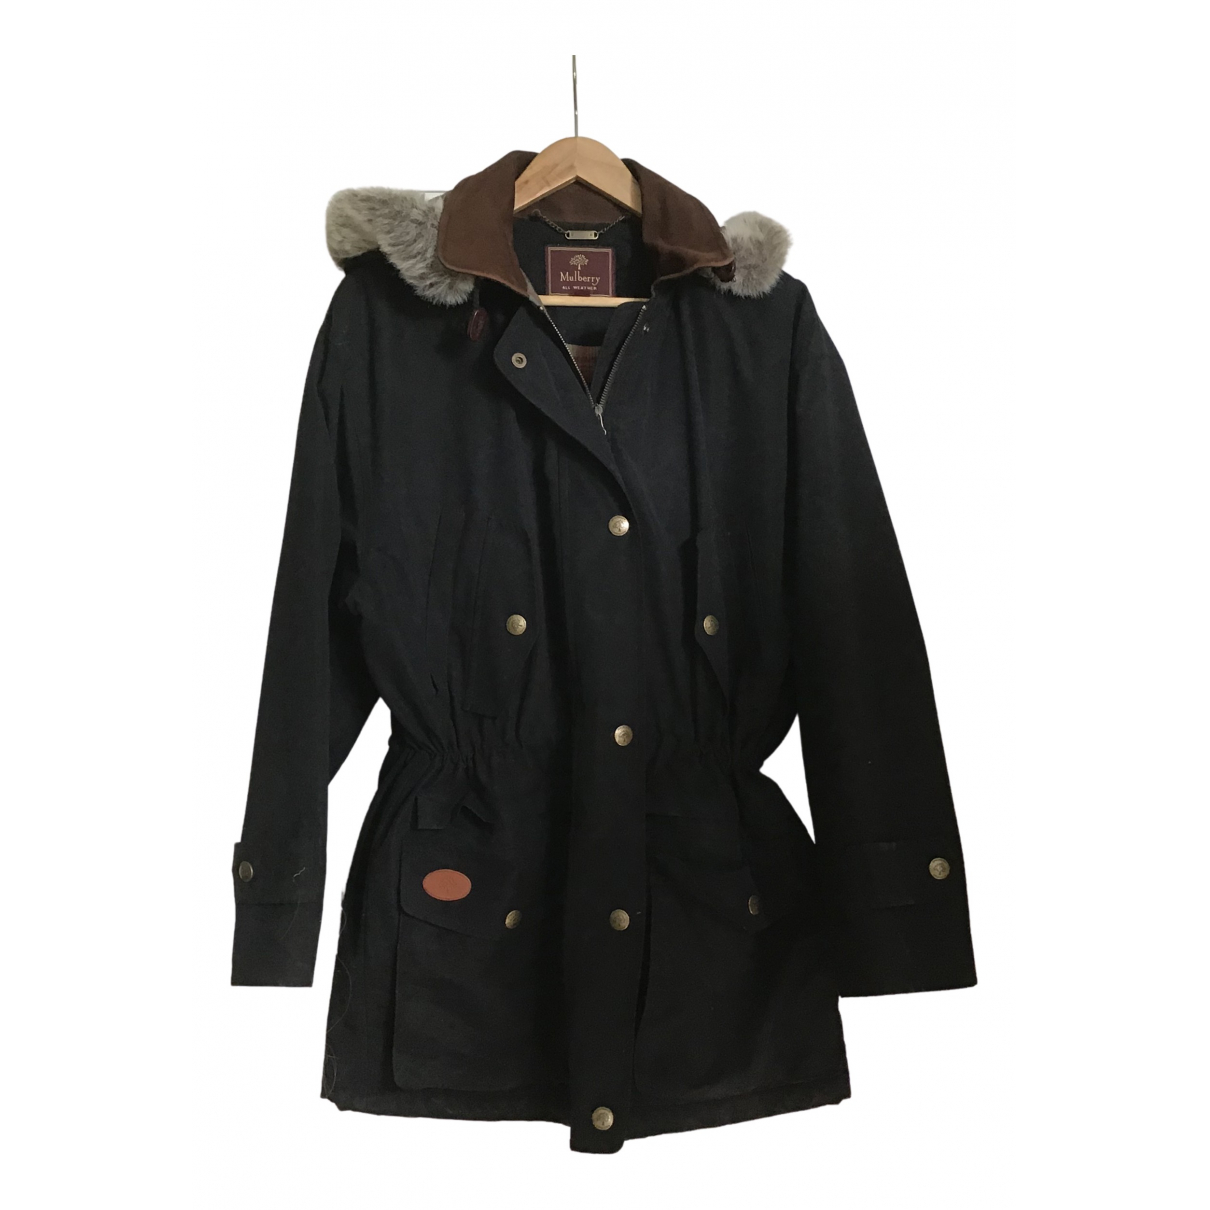 Mulberry \N Black coat for Women S International